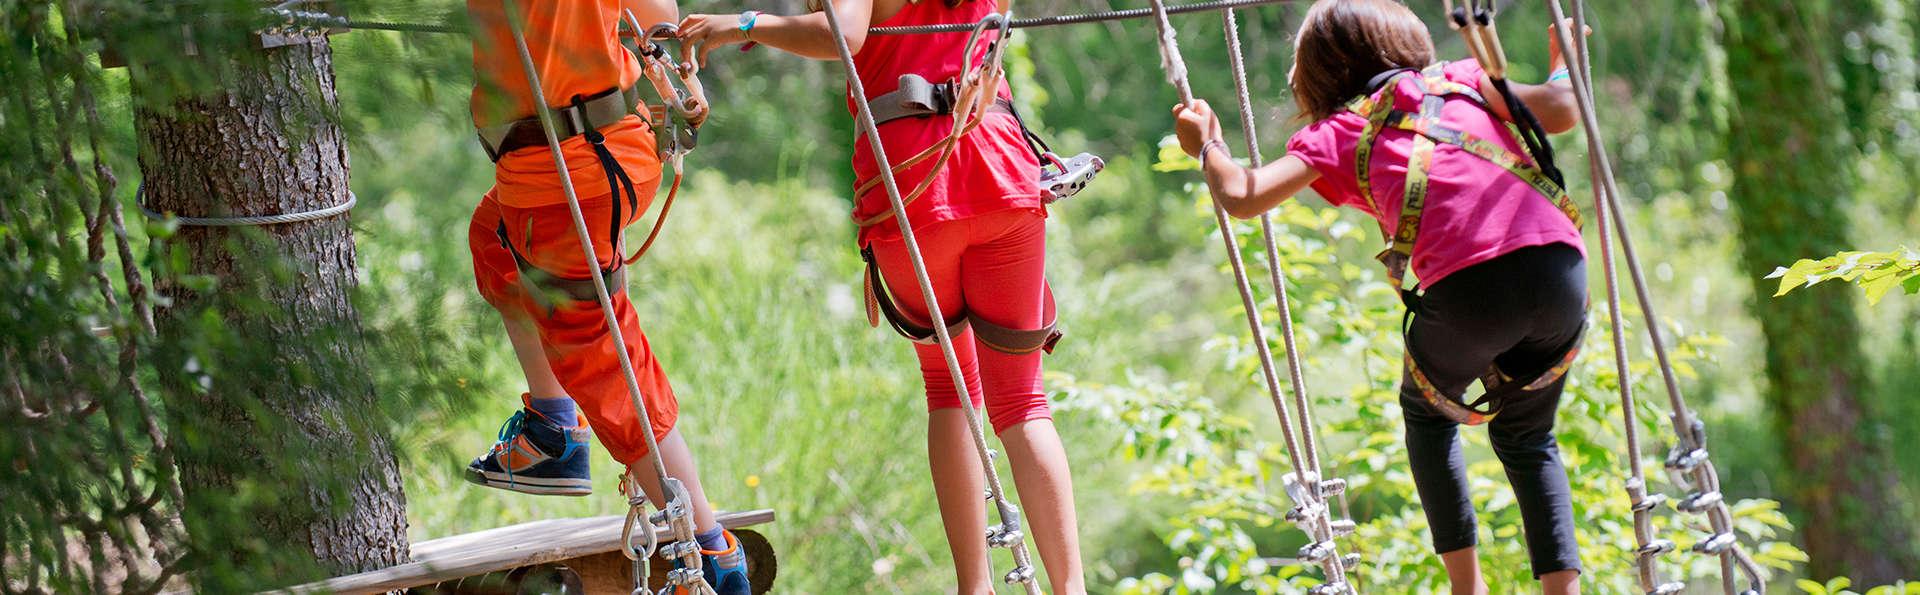 Aventure en famille avec demi-pension, parc d'aventure et spa à Sant Hilari Sacalm